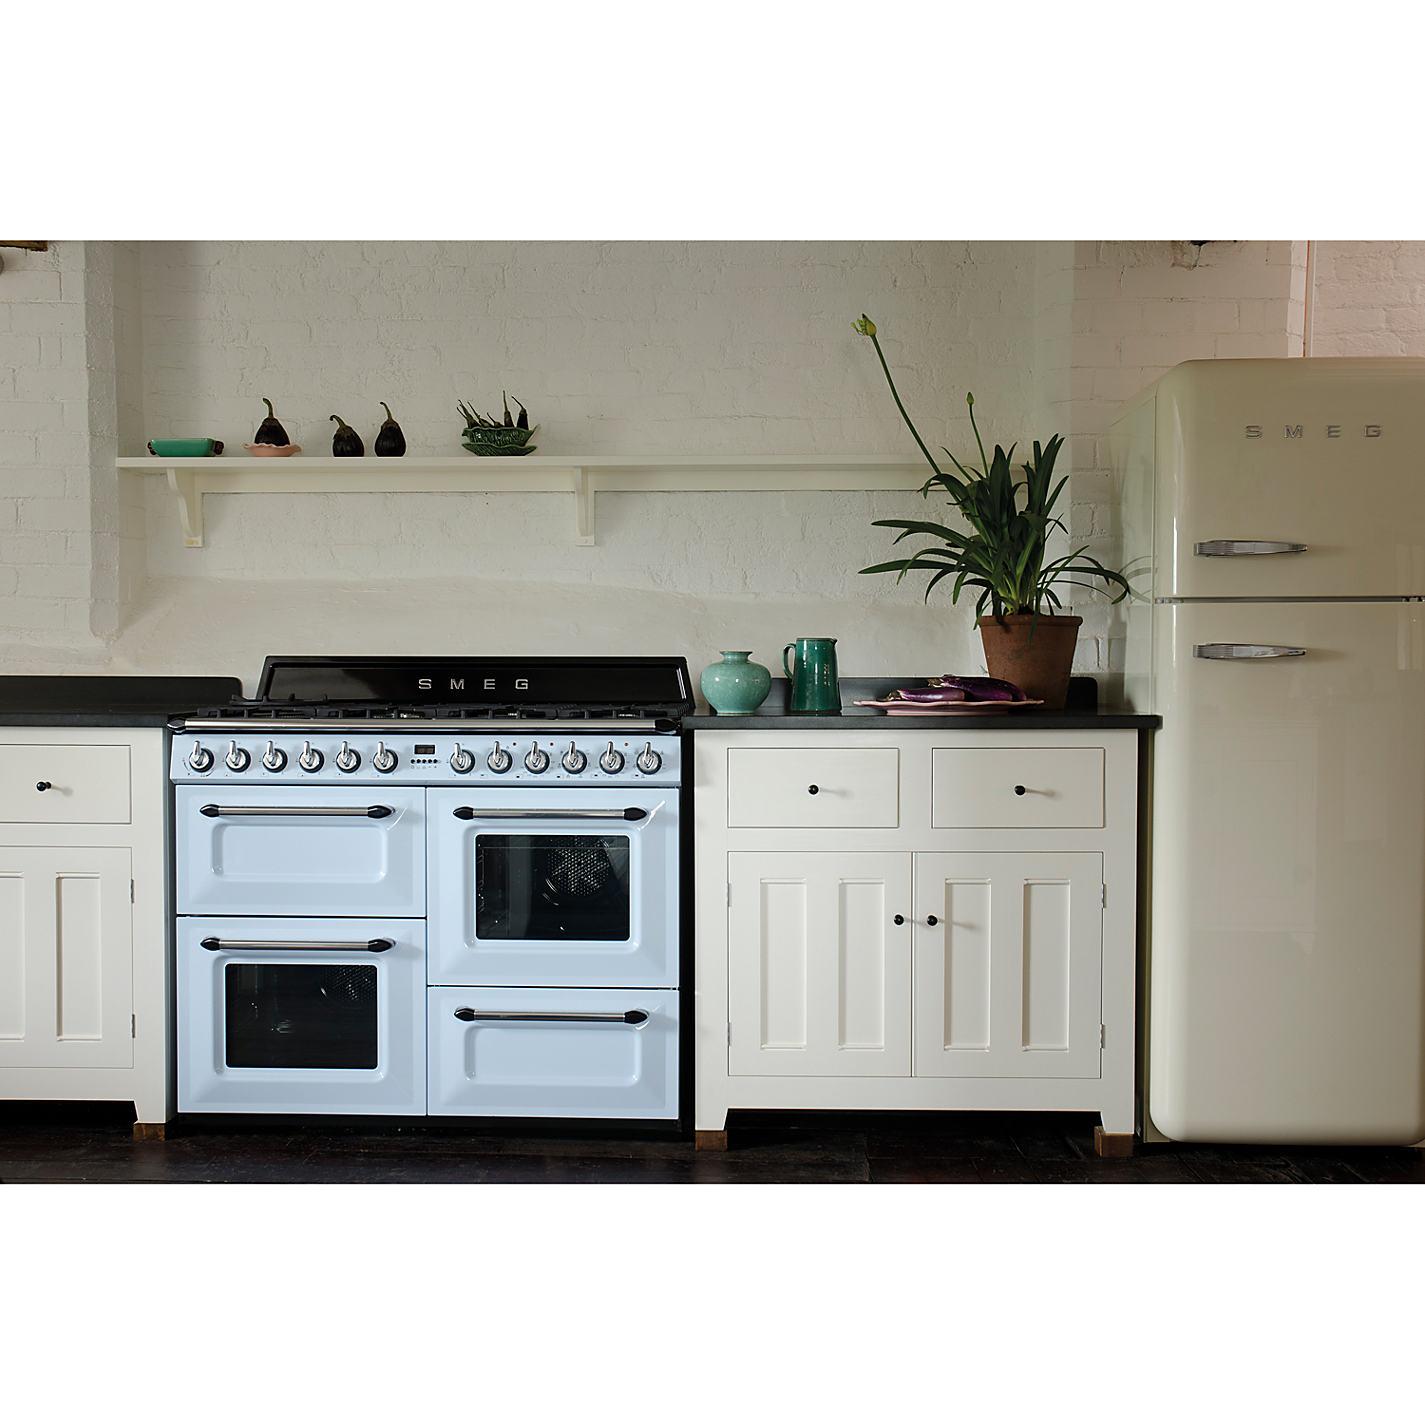 ... Buy Smeg TR4110 Dual Fuel Range Cooker Online At Johnlewis.com ...